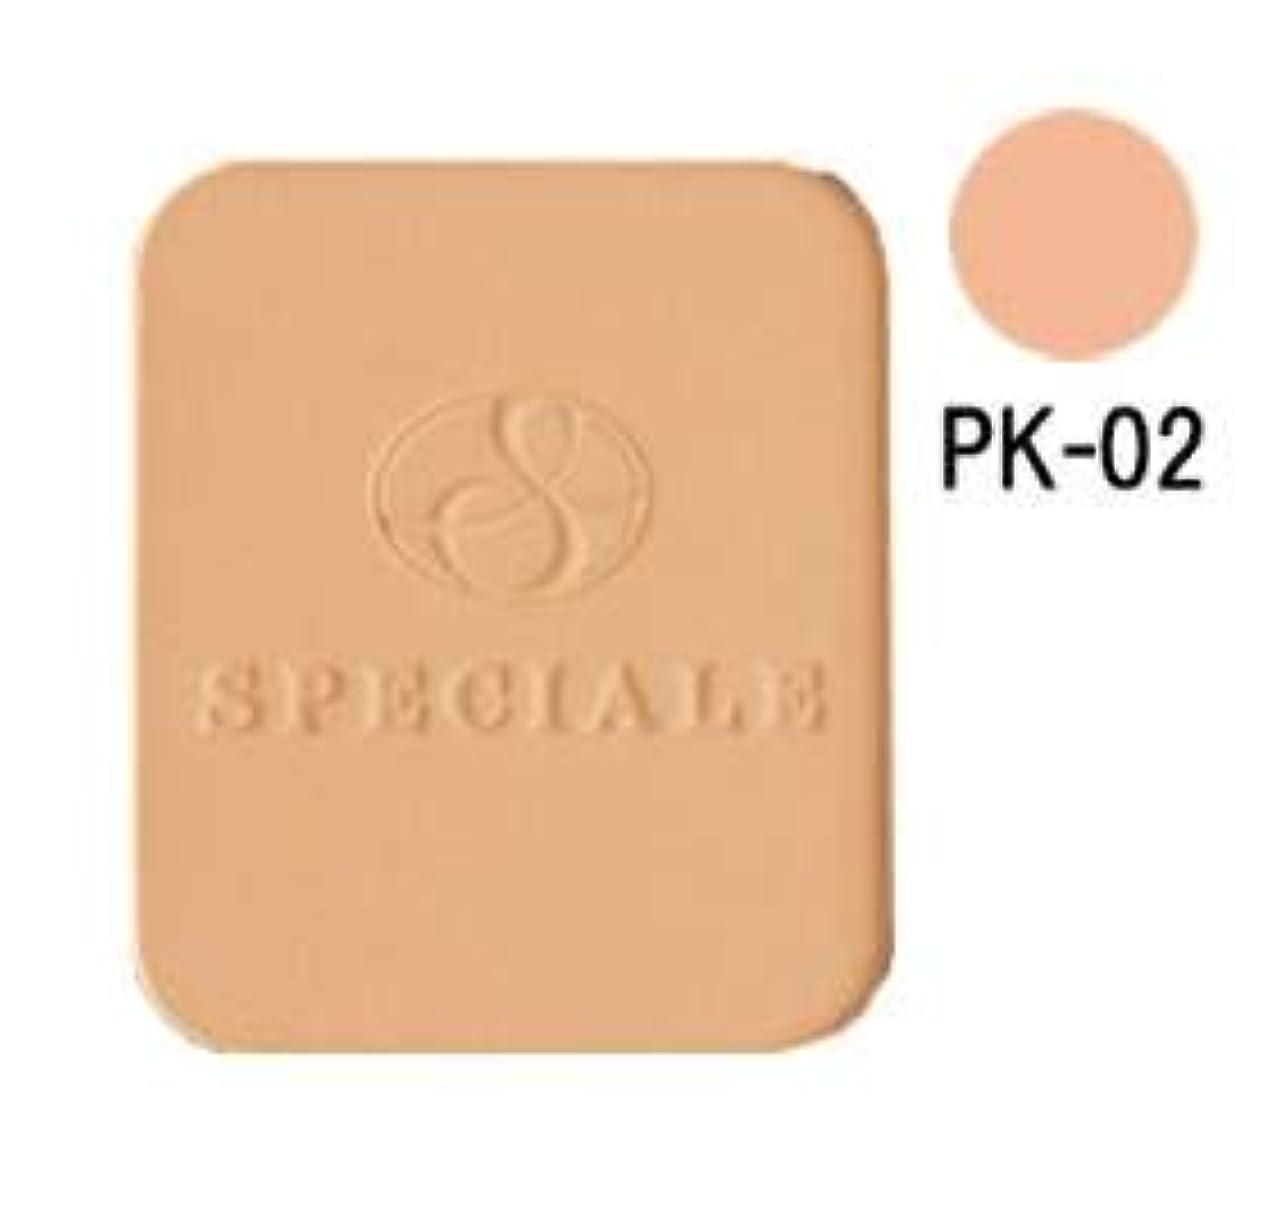 信じるロイヤリティ口頭ノエビア スペチアーレ グロウコンパクト PK-02(リフィール/スポンジ付)(13g)